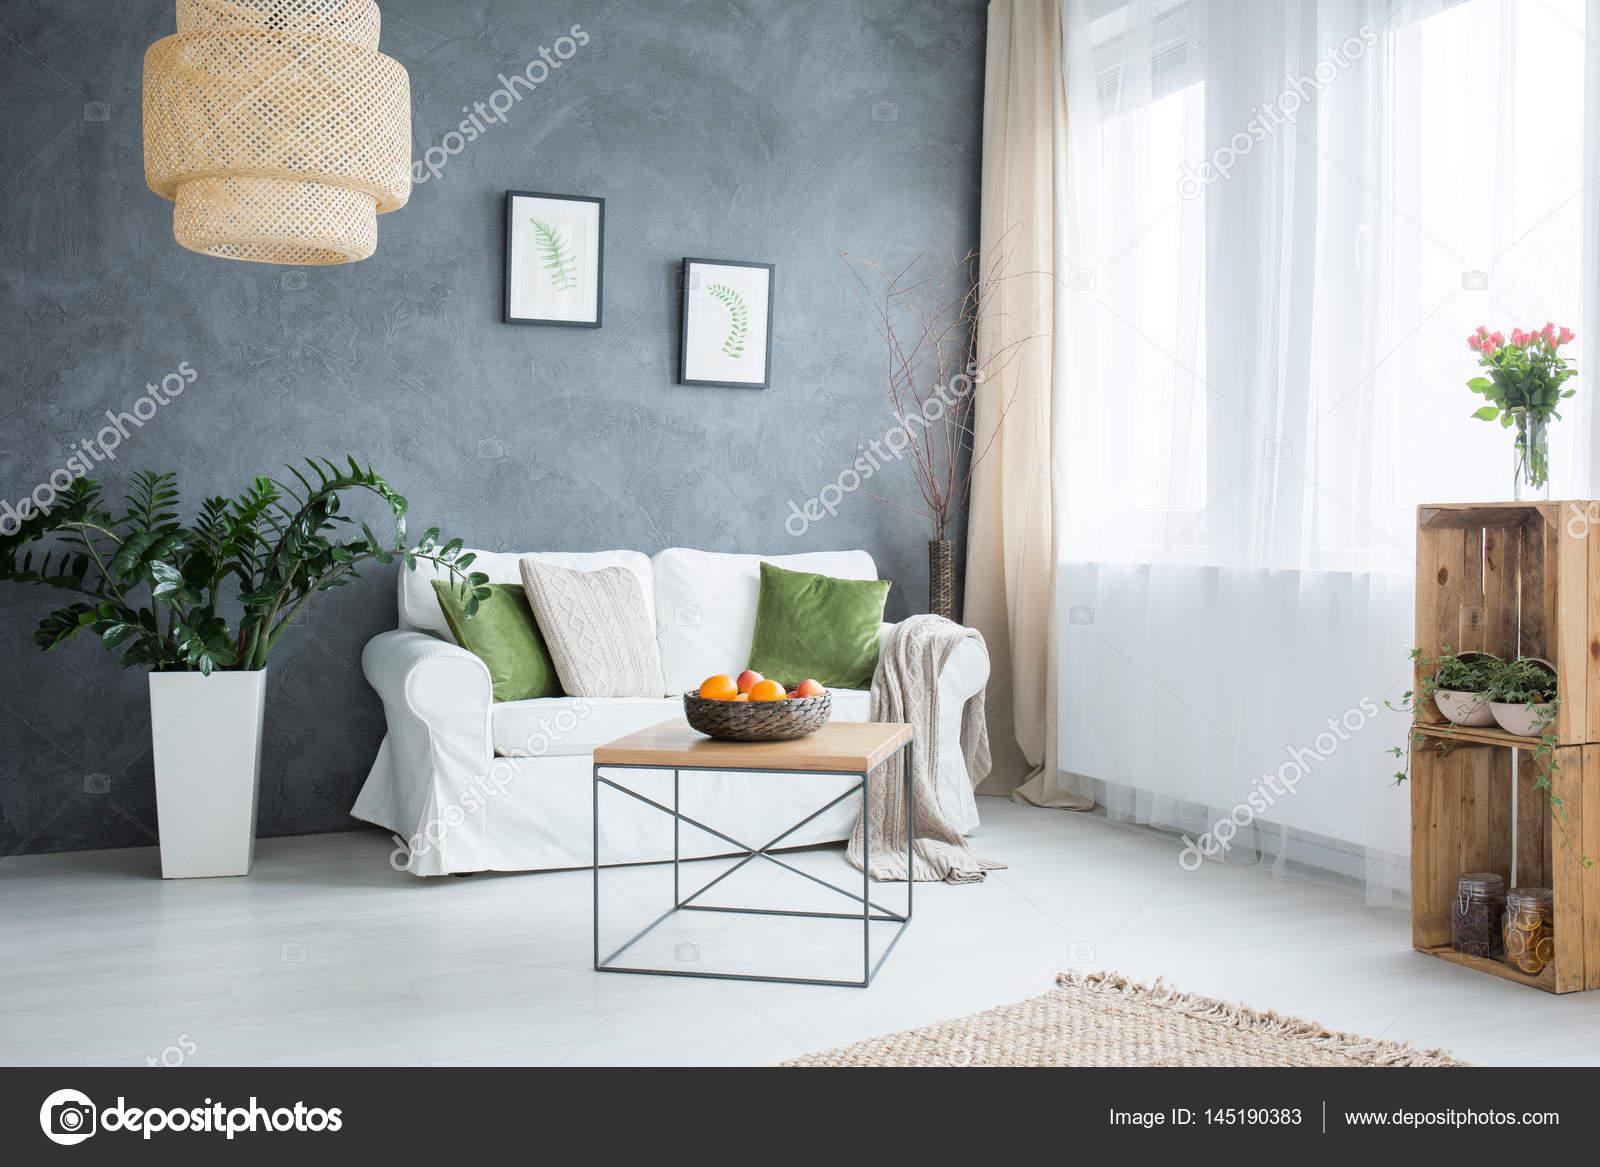 Grigio soggiorno con divano — Foto Stock © photographee.eu #145190383